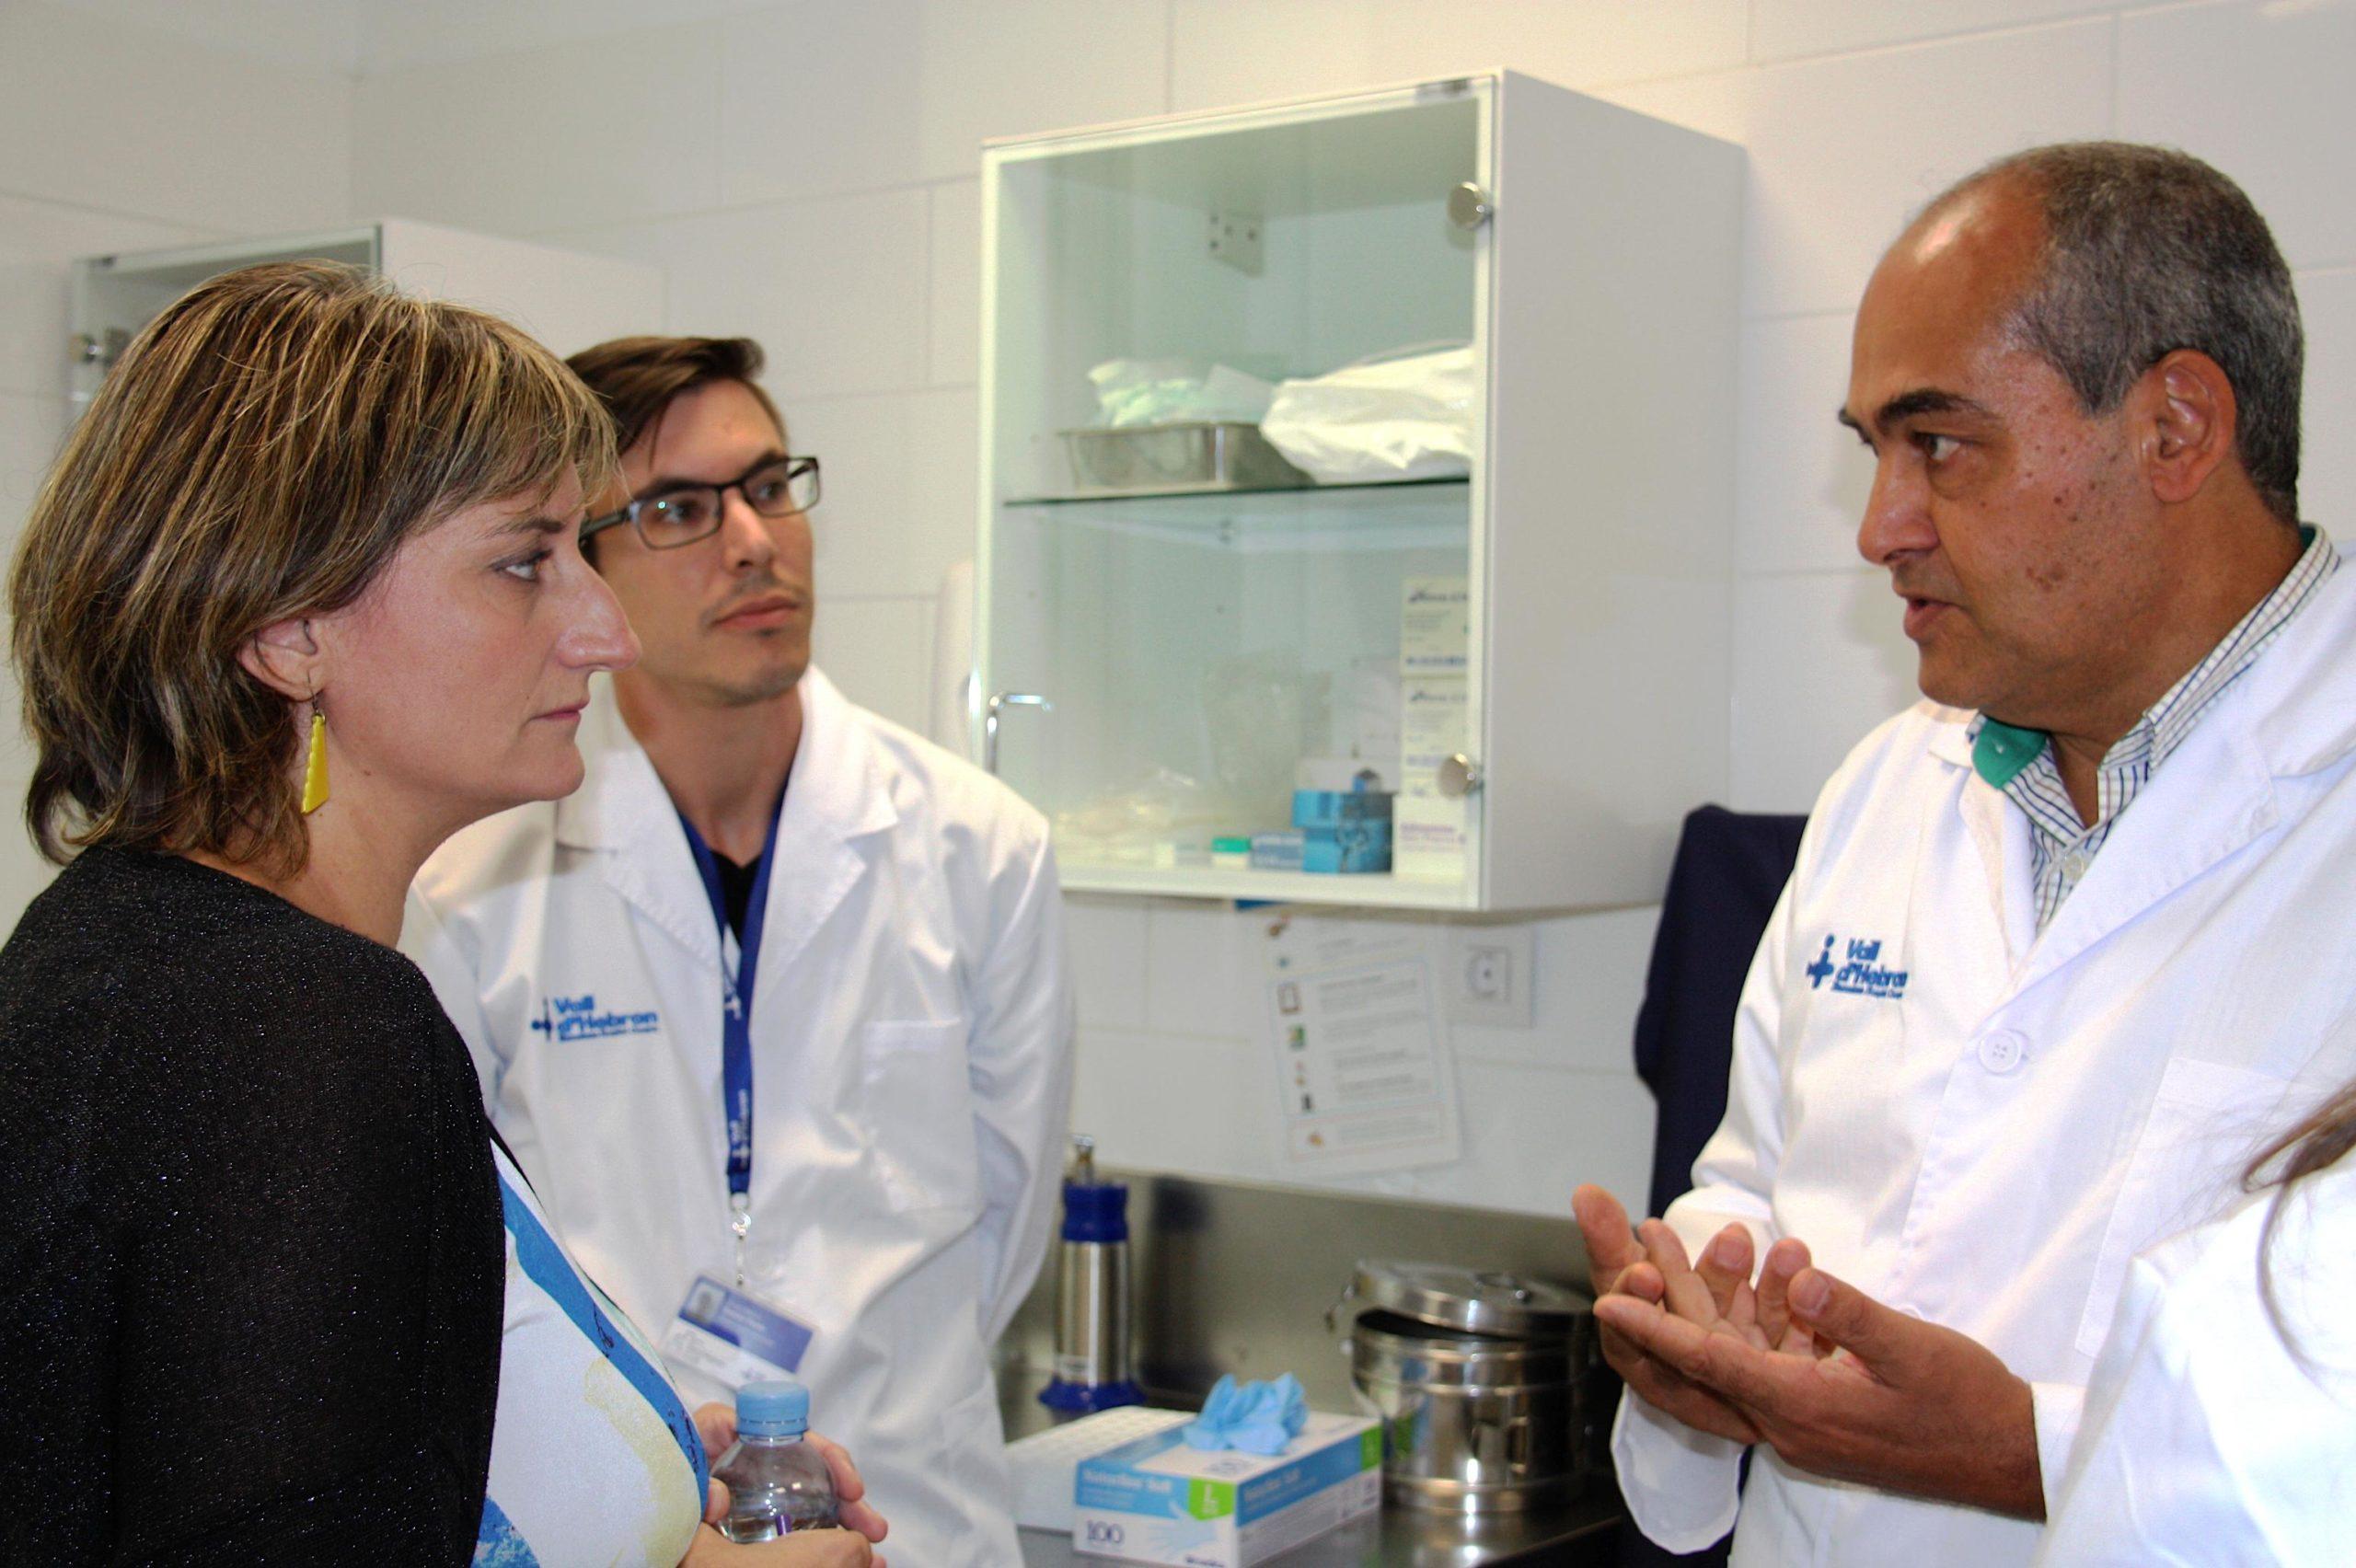 El cap del Servei de Malalties Infeccioses de Vall d'Hebron, Benito Almirante, amb la consellera de Salut, Alba Vergés, en una imatge d'arxiu / ACN